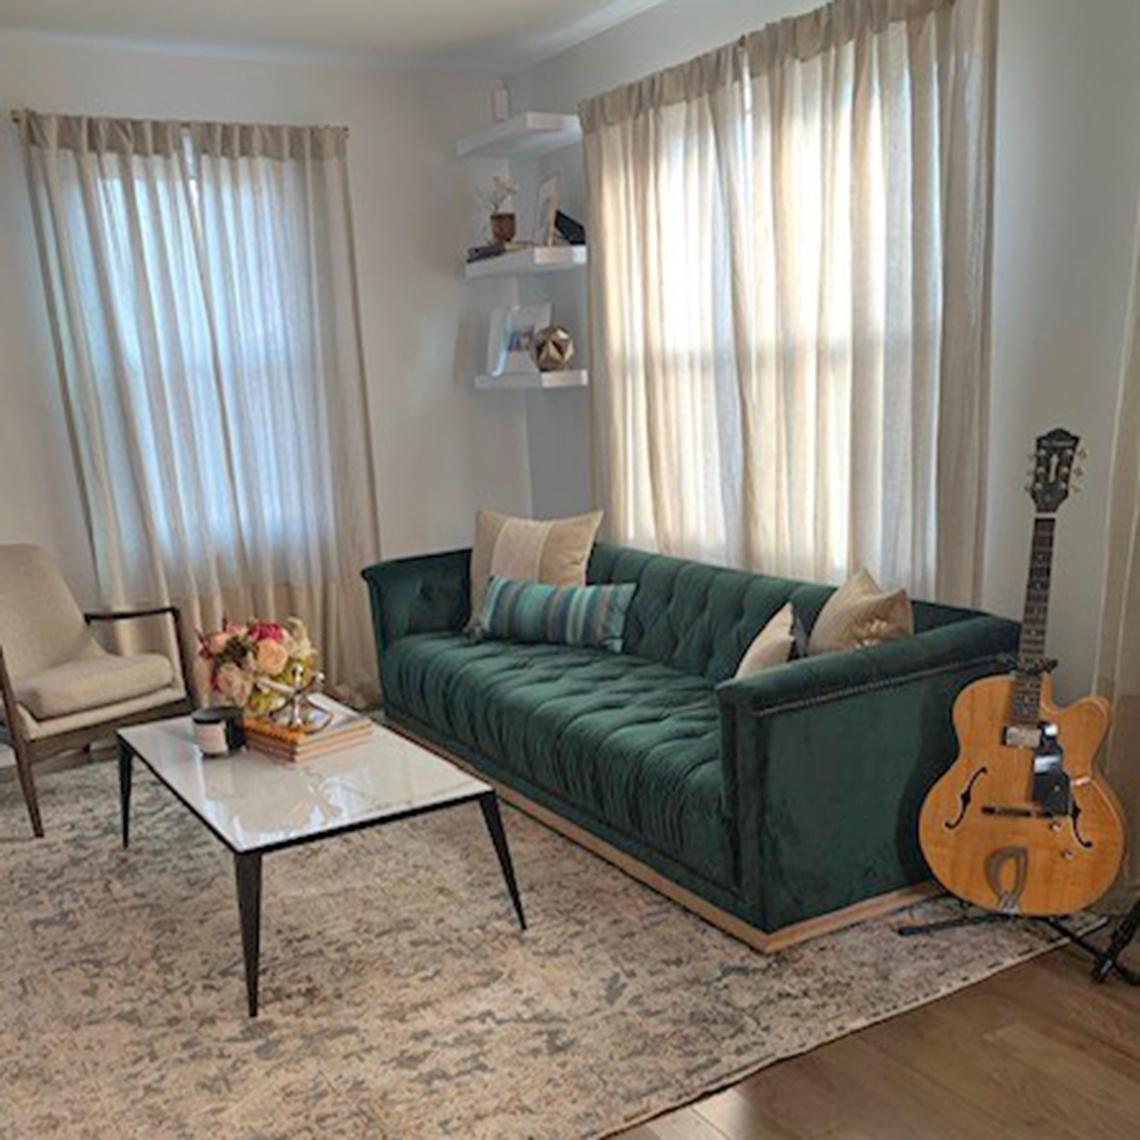 Una sala de estar con cortinas más claras, techos altos y muebles con patas de madera